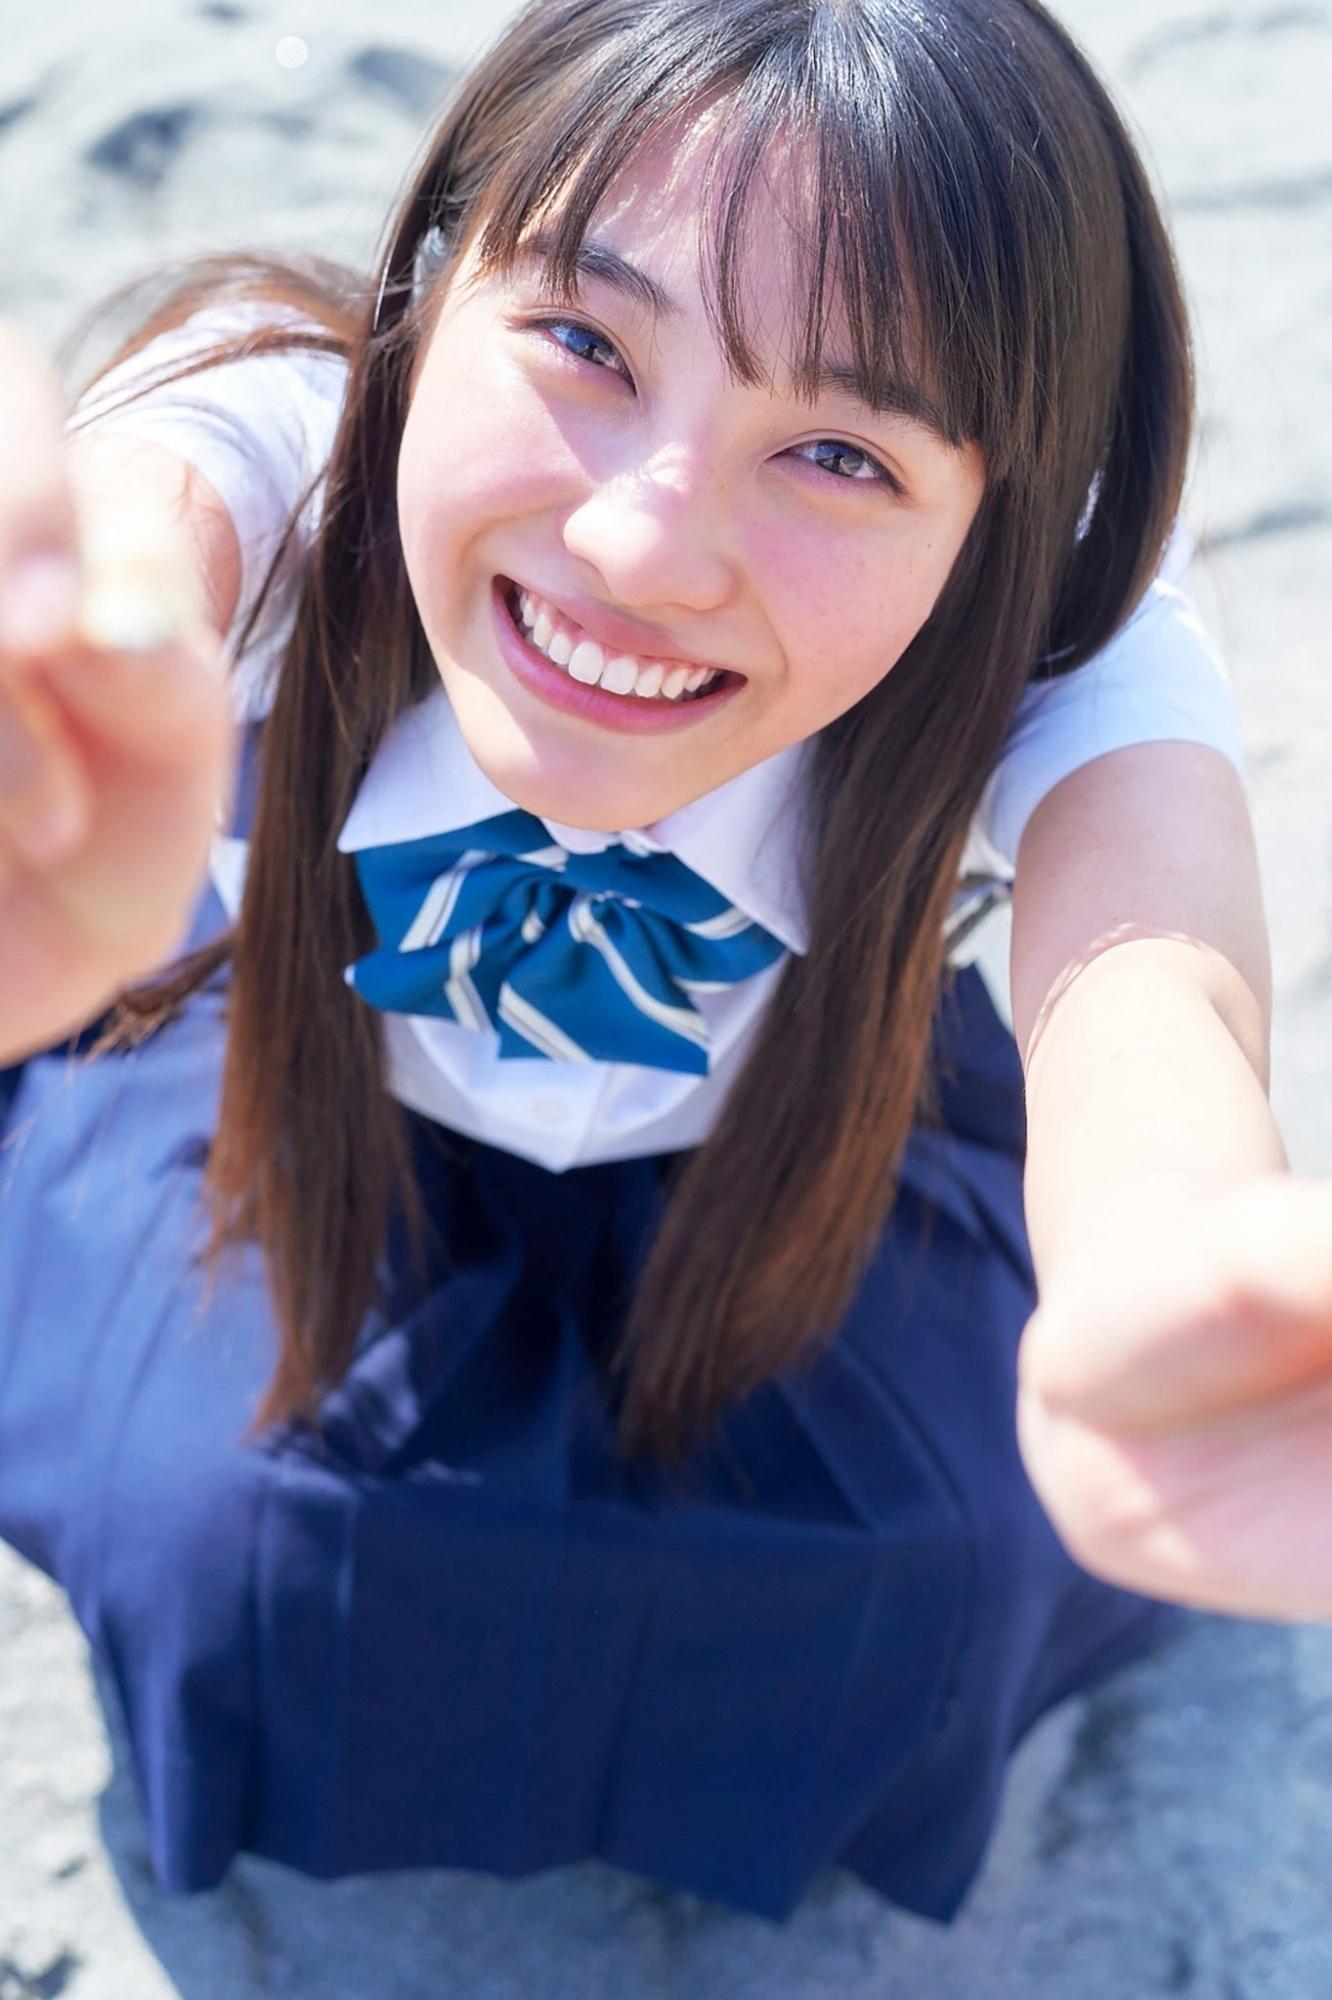 2021年最强写真新人 福田ルミカ 被称为地表最可爱高中生